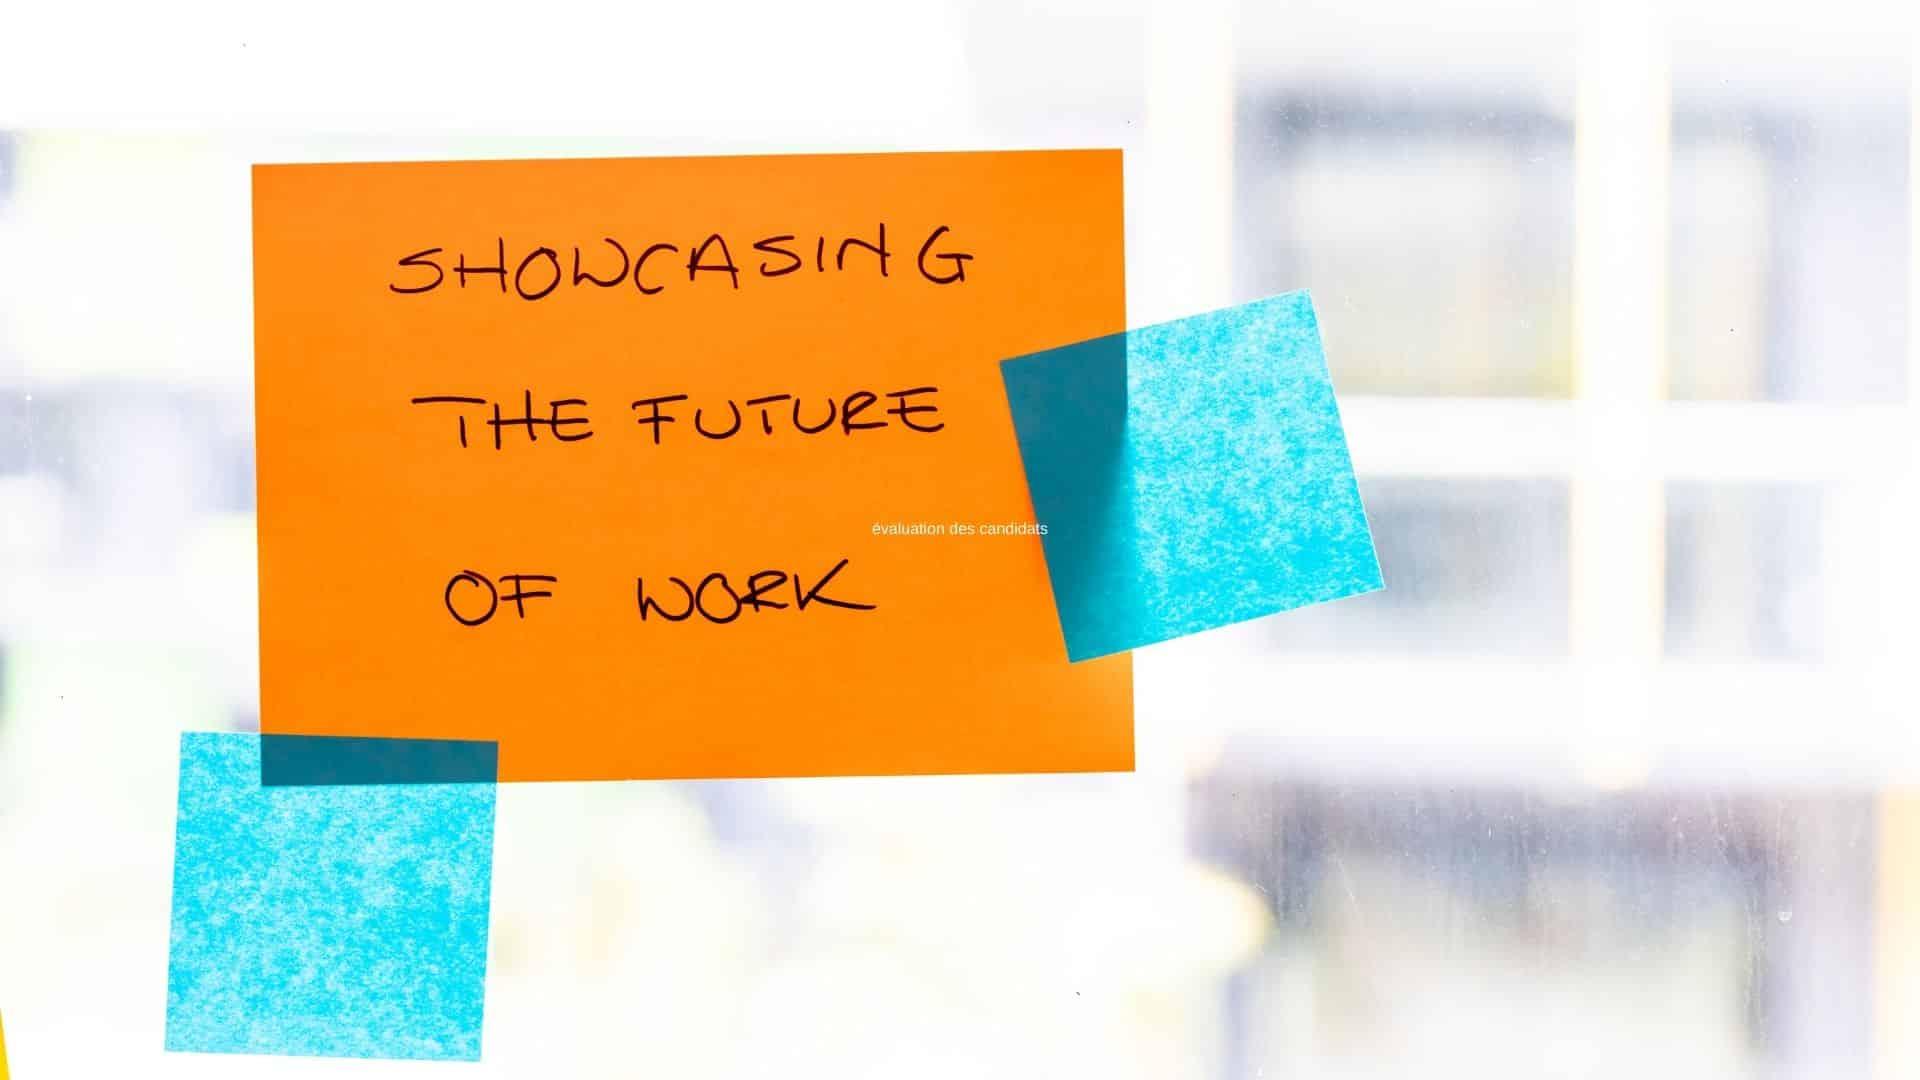 Quelles sont les tendances post-Covid 19 qui vont façonner l'avenir du travail ?